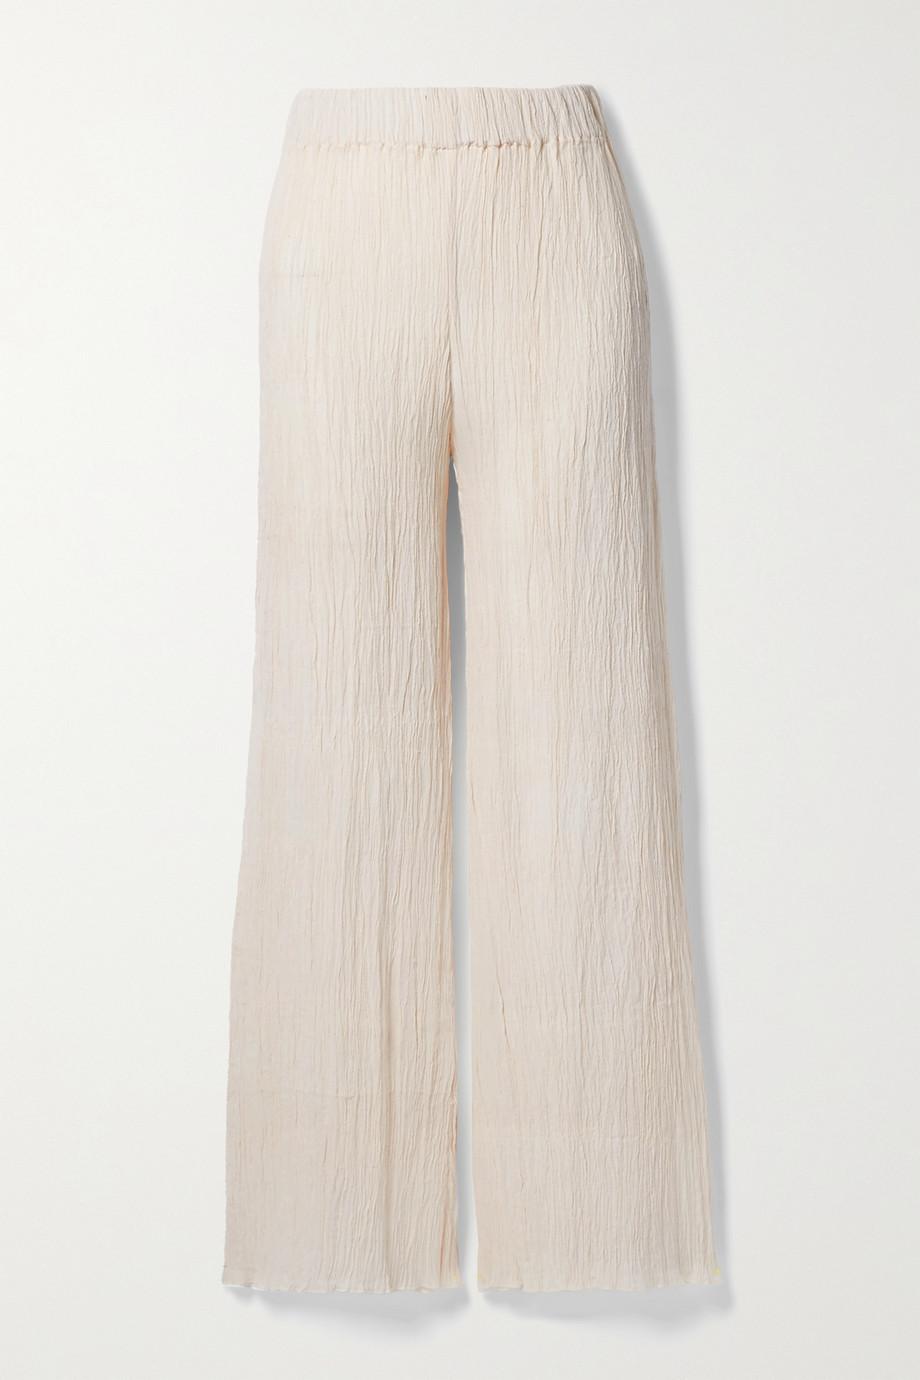 Savannah Morrow The Label + NET SUSTAIN Naia Hose mit weitem Bein aus Biobaumwollgaze in Knitteroptik